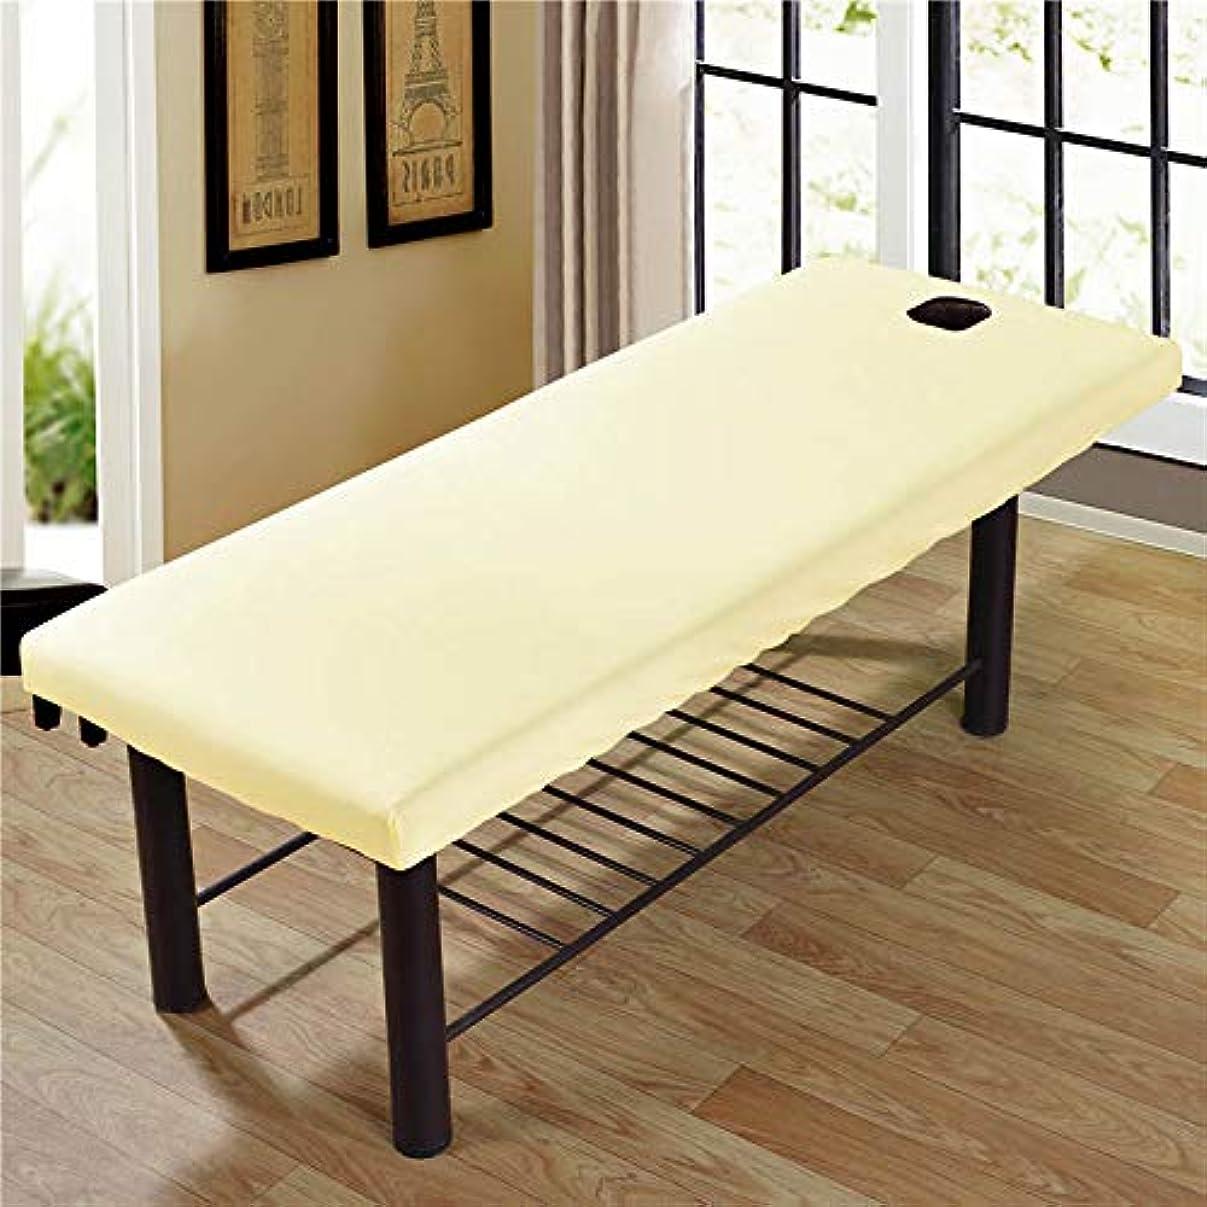 戦闘抵当キッチンJanusSaja 美容院のマッサージ療法のベッドのための柔らかいSoliod色の長方形のマットレス